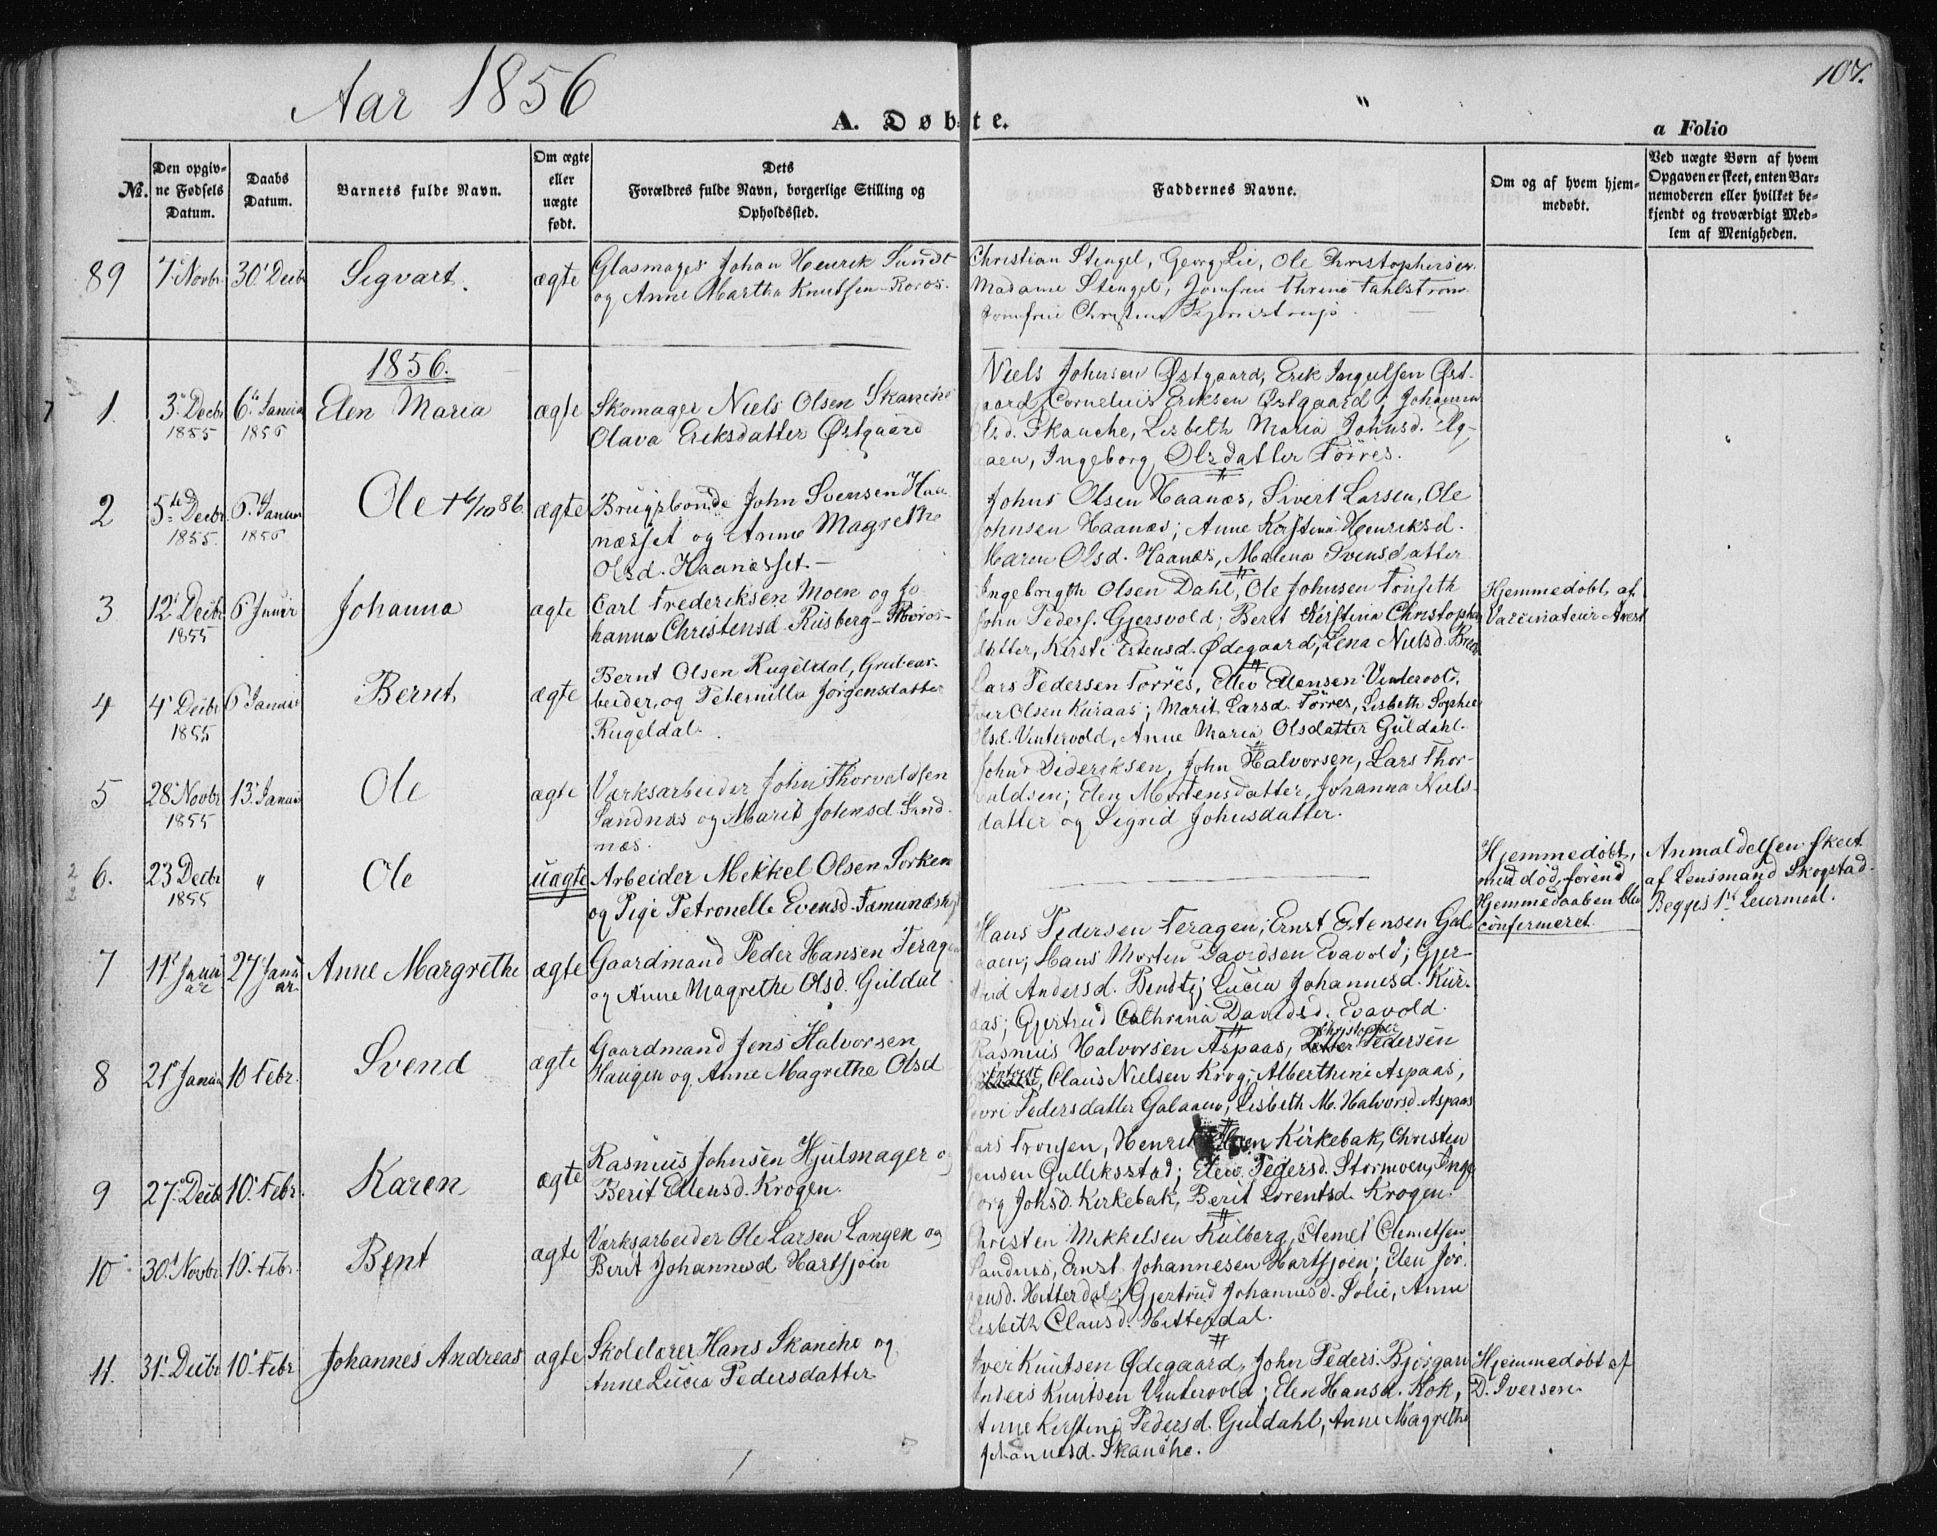 SAT, Ministerialprotokoller, klokkerbøker og fødselsregistre - Sør-Trøndelag, 681/L0931: Ministerialbok nr. 681A09, 1845-1859, s. 107